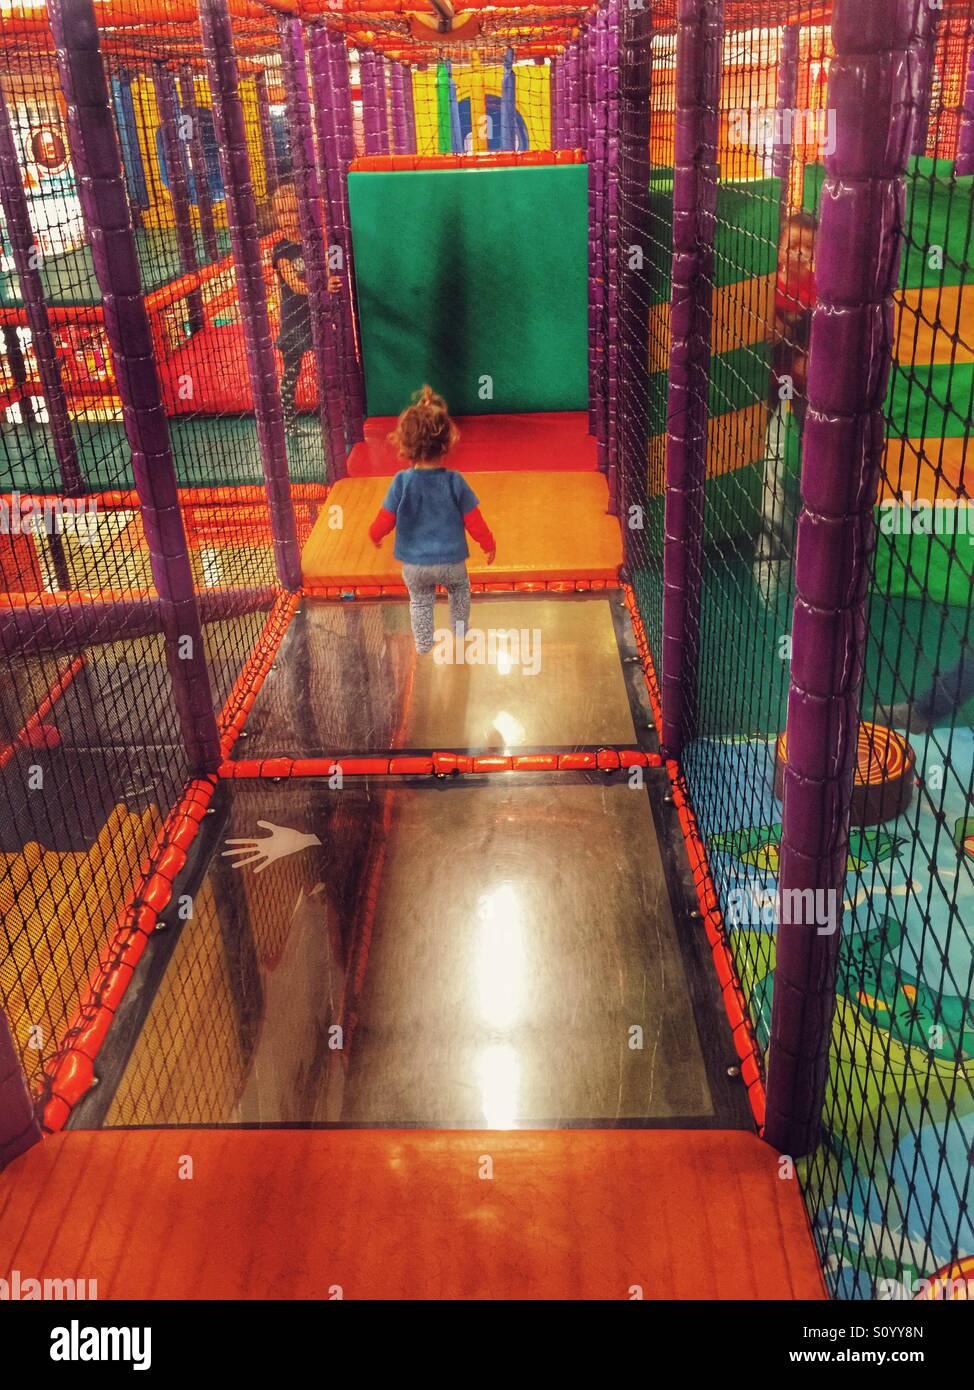 Bambino a giocare nel parco giochi al coperto m Immagini Stock